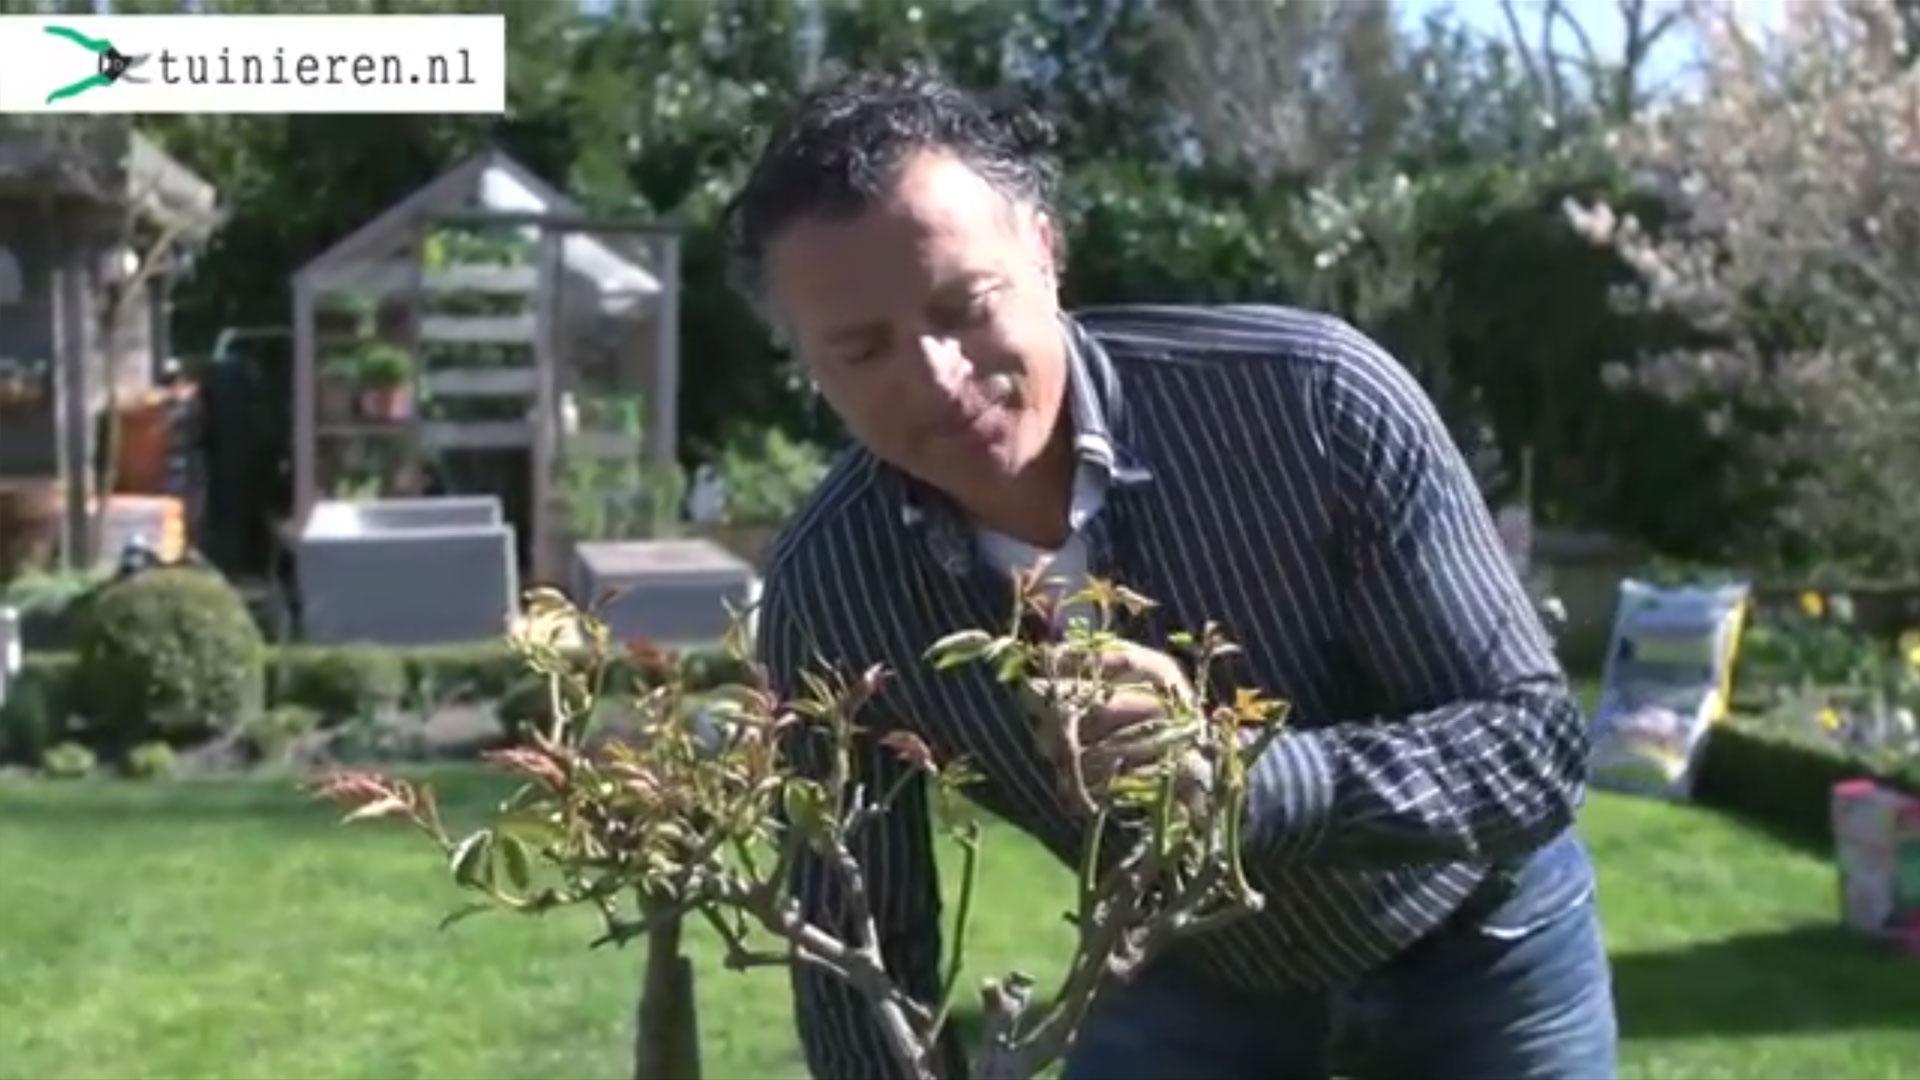 Hoe kan ik rozen planten en verzorgen?